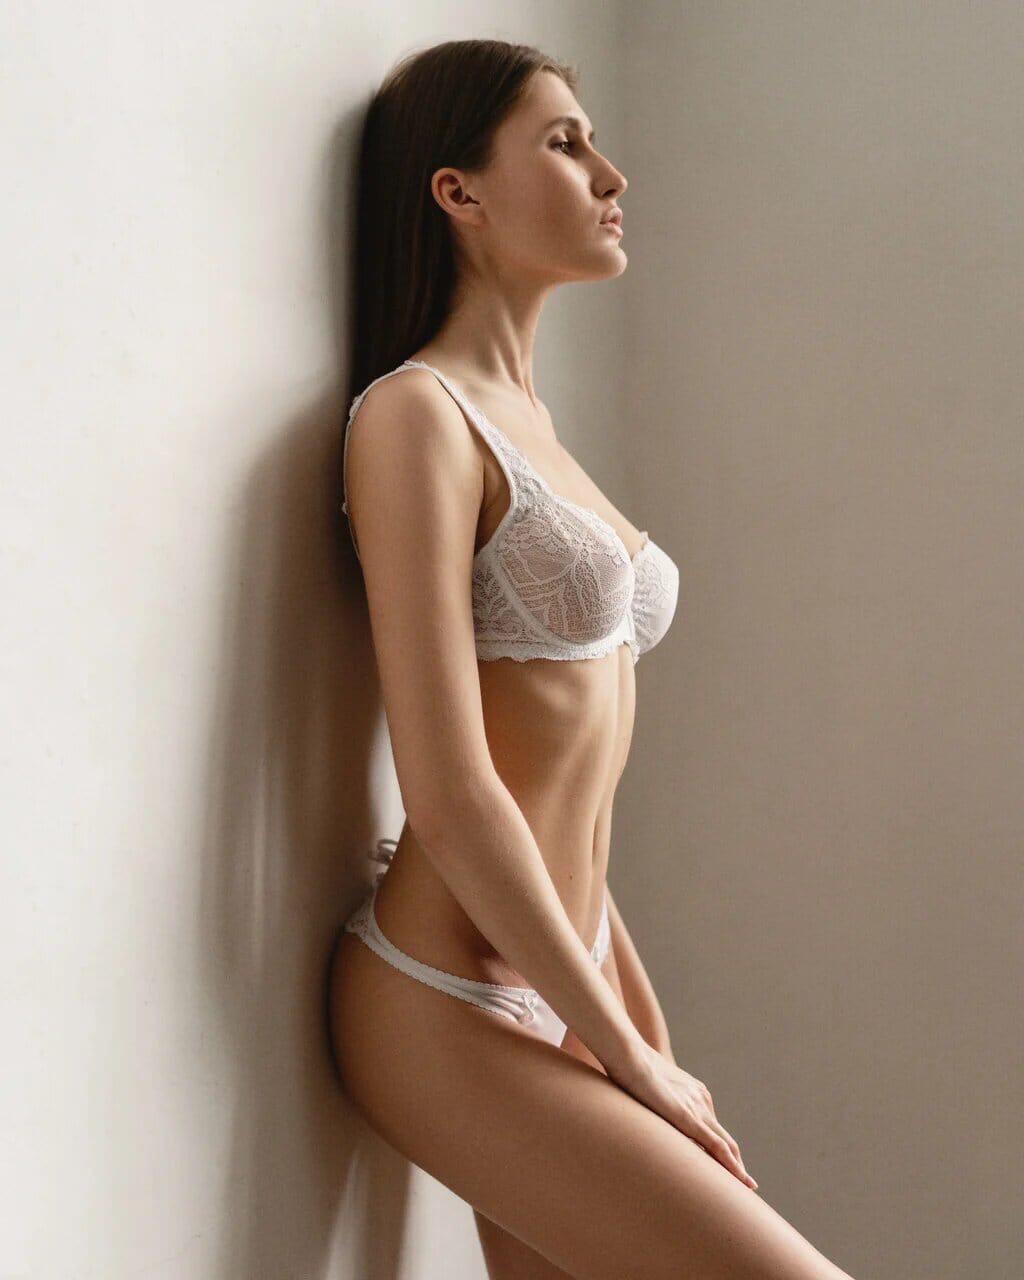 julia liepa sexy photos